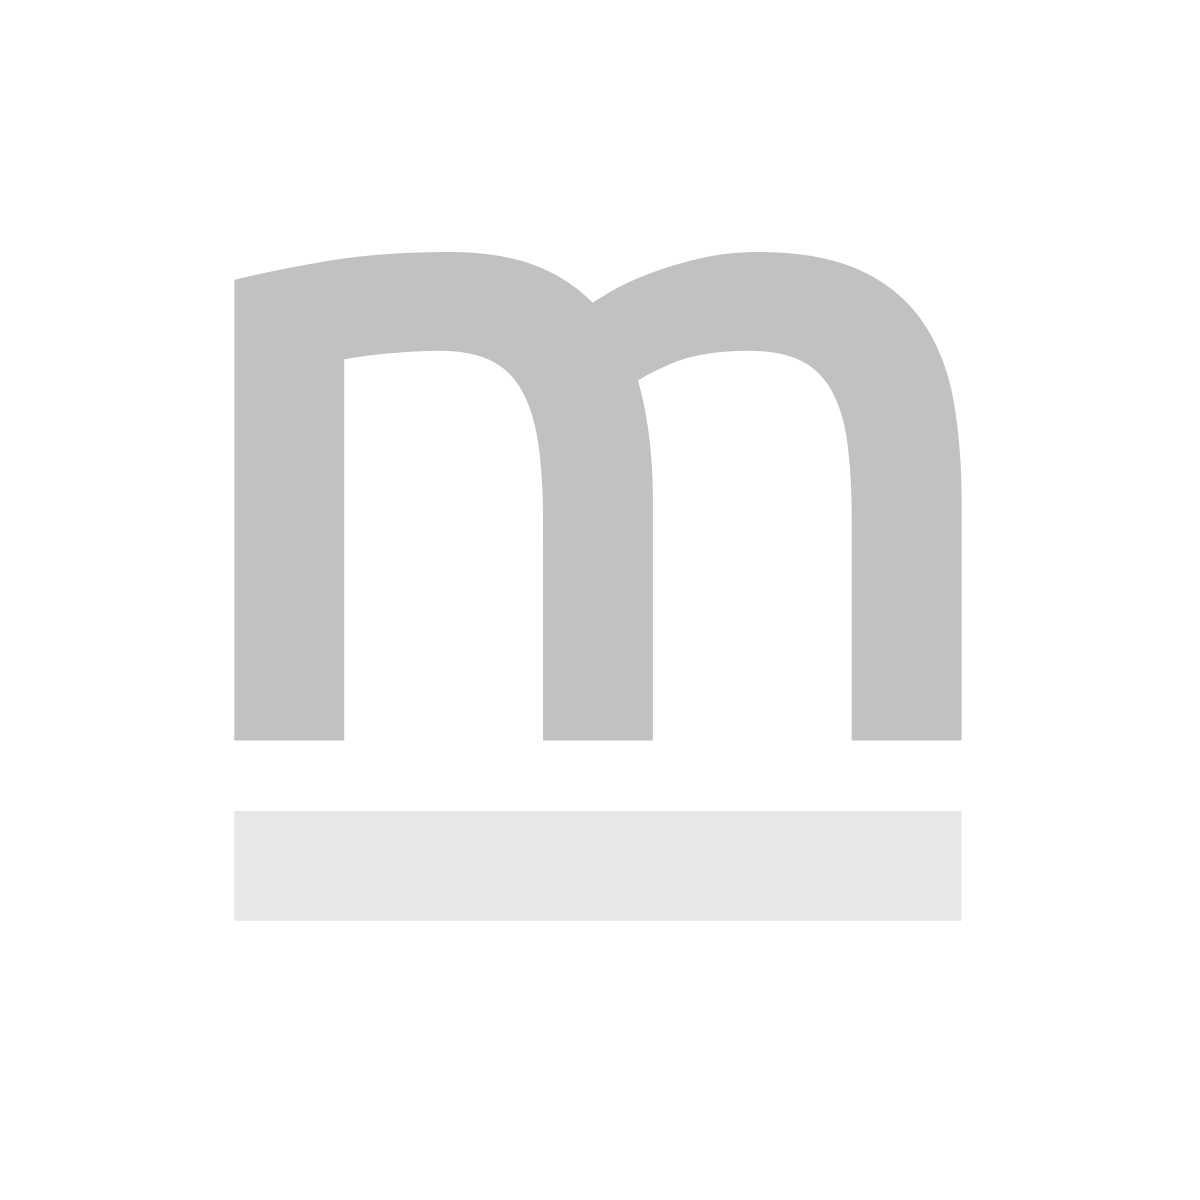 Fototapeta - Tunel - układanka